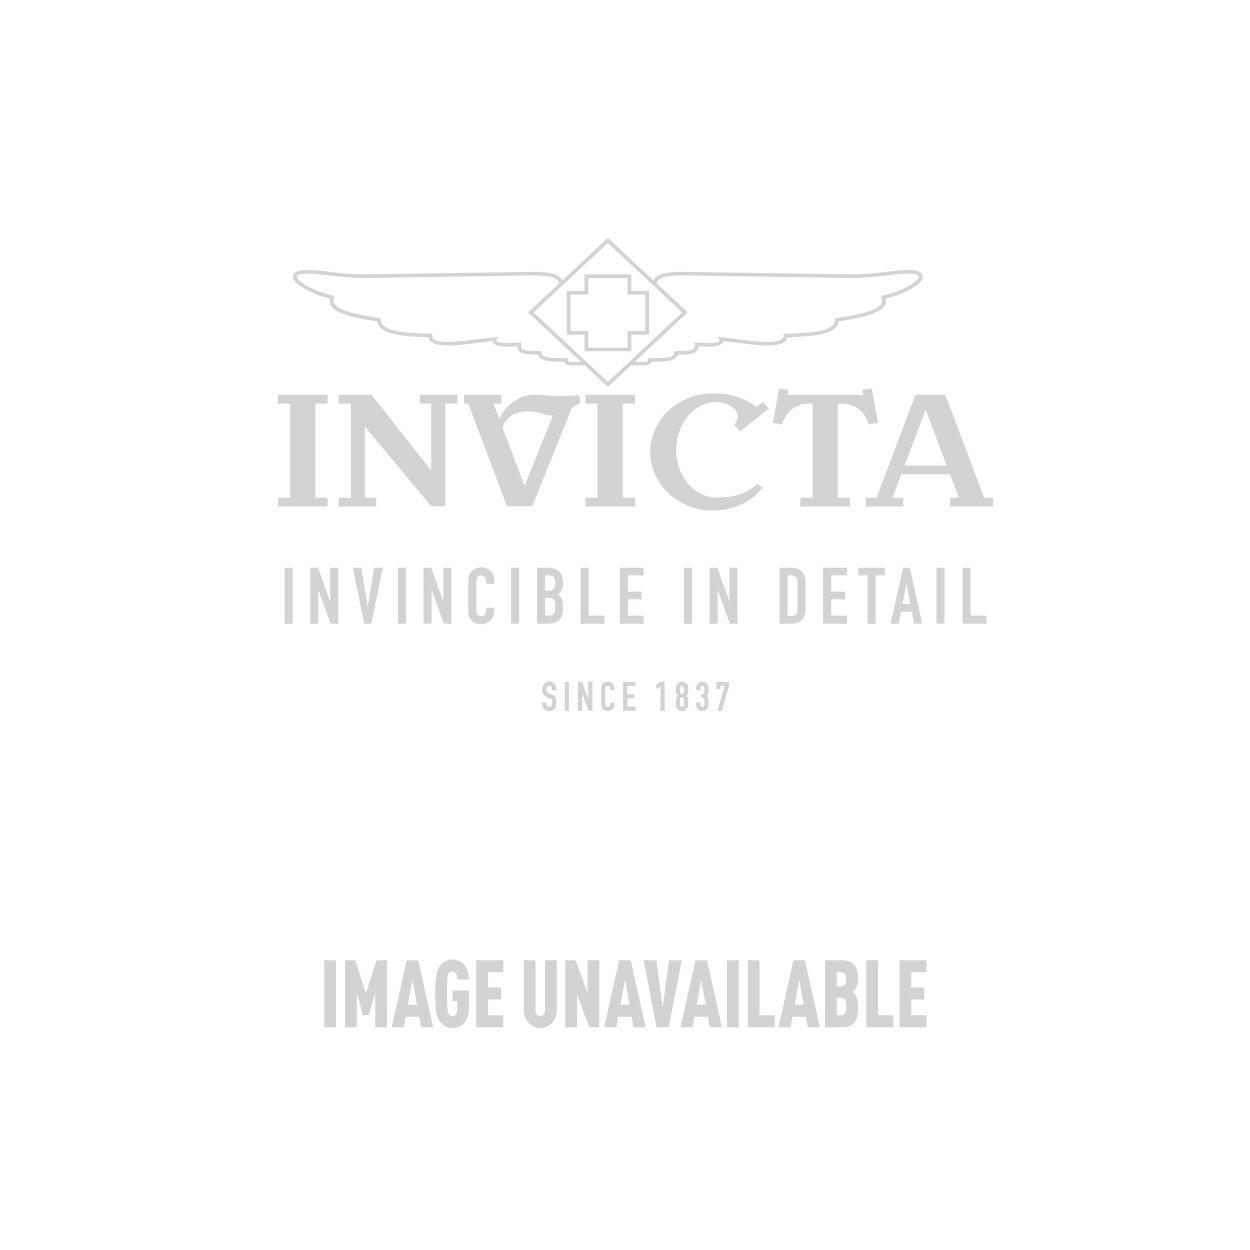 Invicta Model 28917